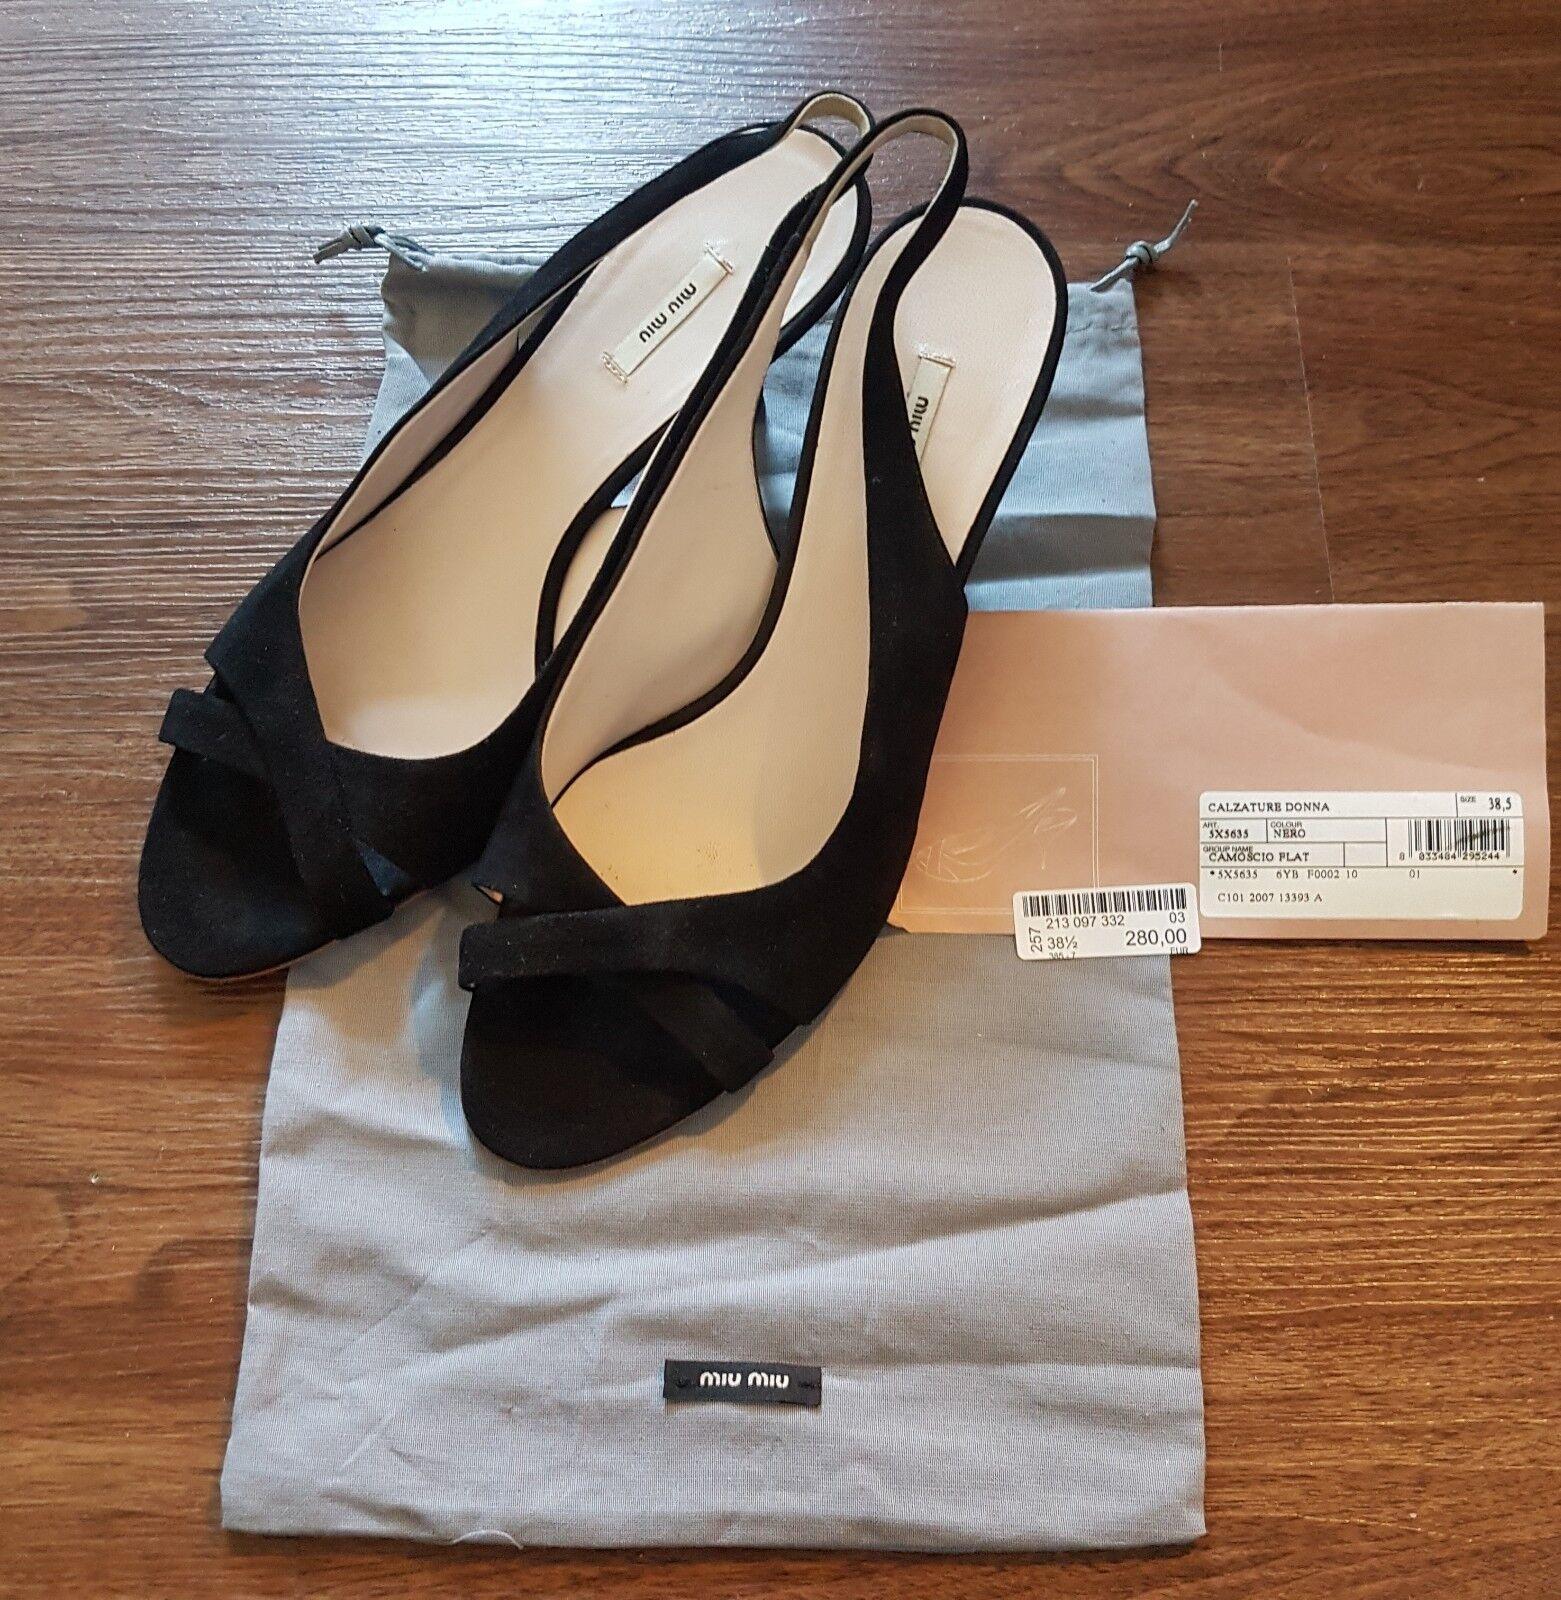 Miu Miu schwarz Schuhe Sandalen Sandaletten Sommer Leder schwarz Miu neuwertig Gr. 38 3d130a